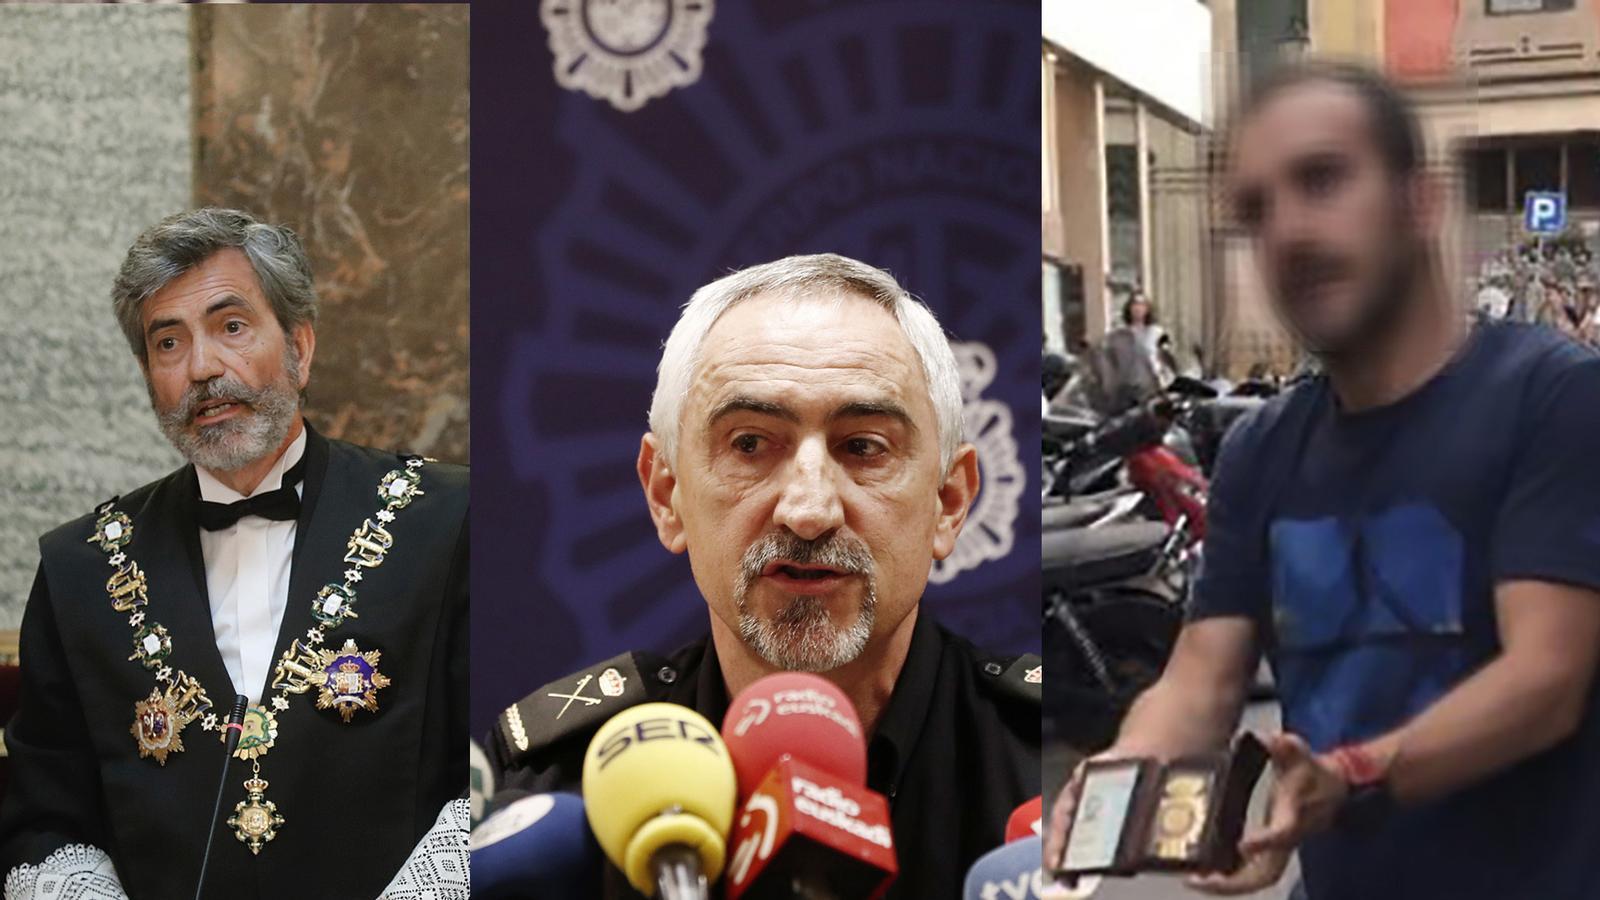 L'anàlisi d'Antoni Bassas: 'La impunitat de l'estat profund'